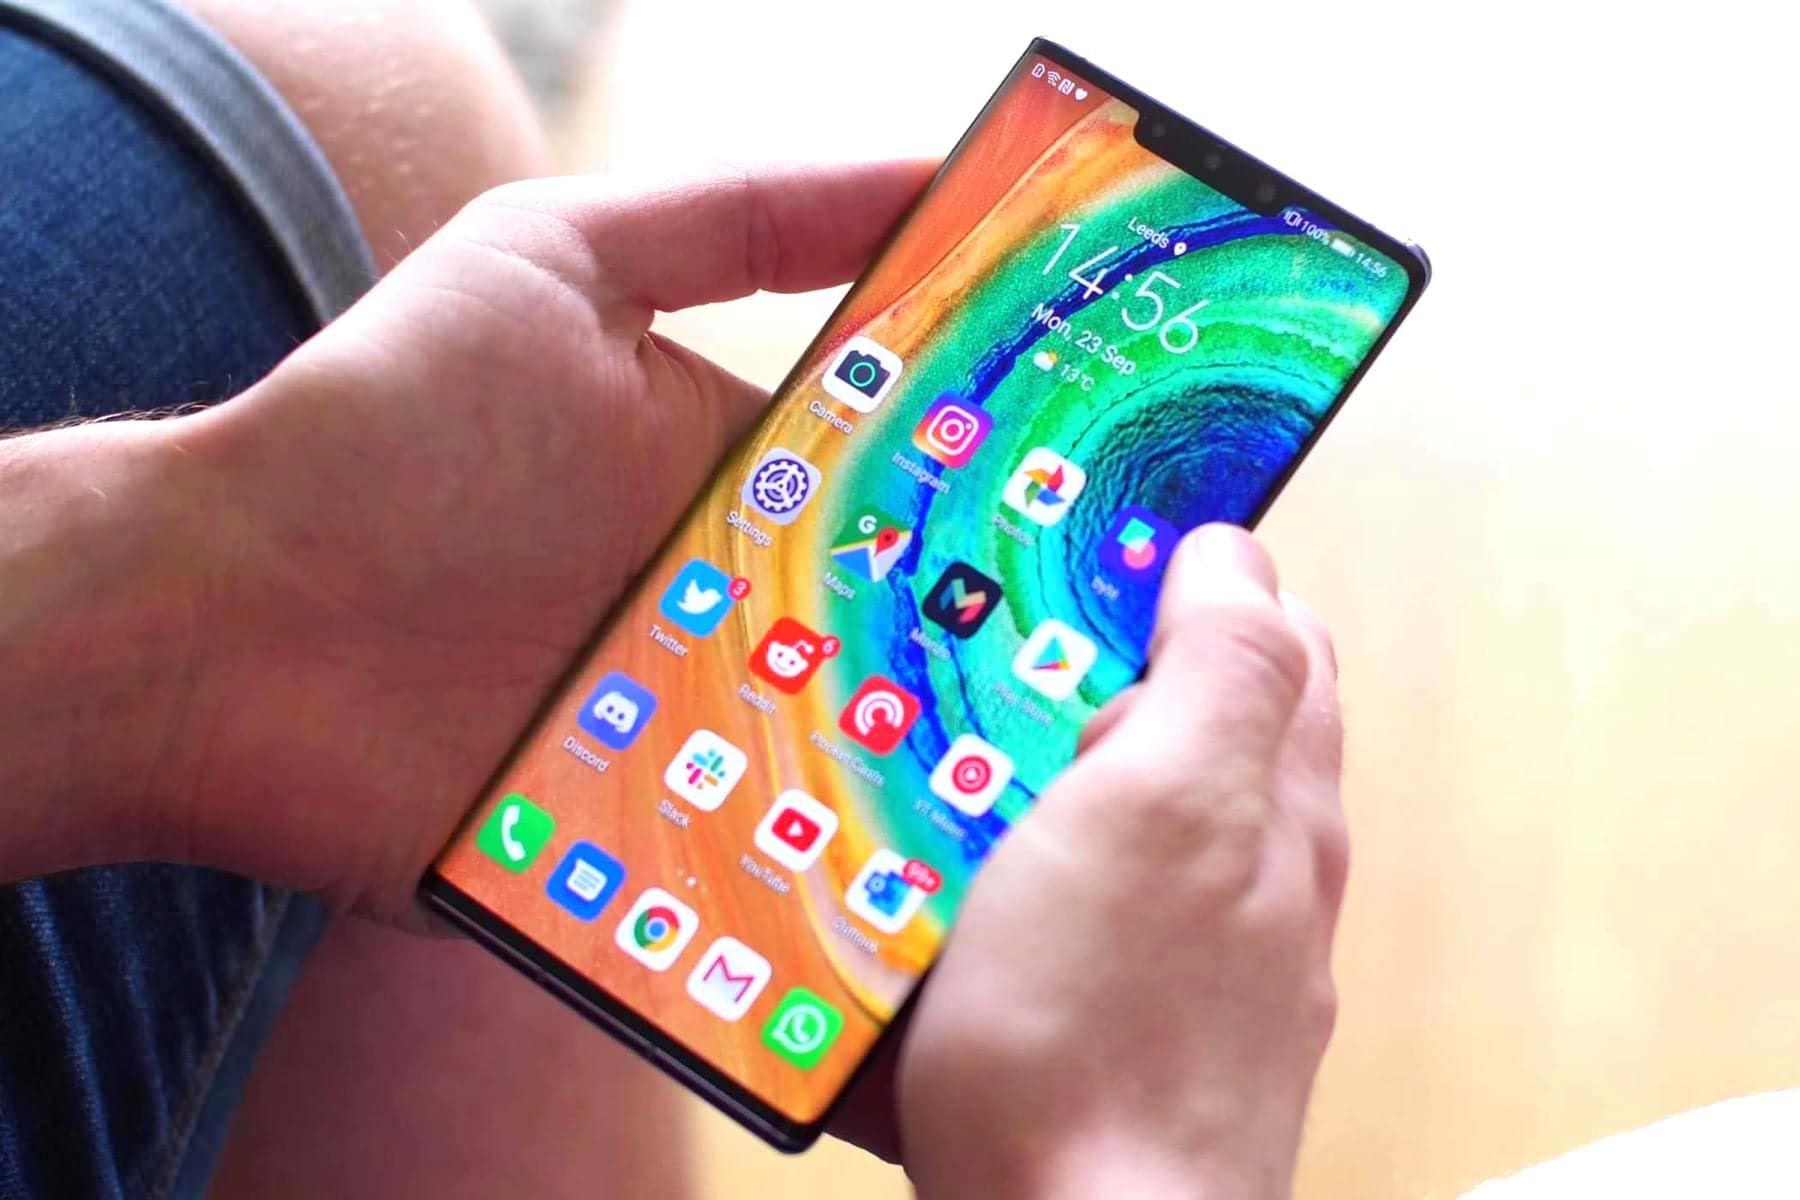 Названа самая популярная диагональ экрана смартфона. Какая у вас?